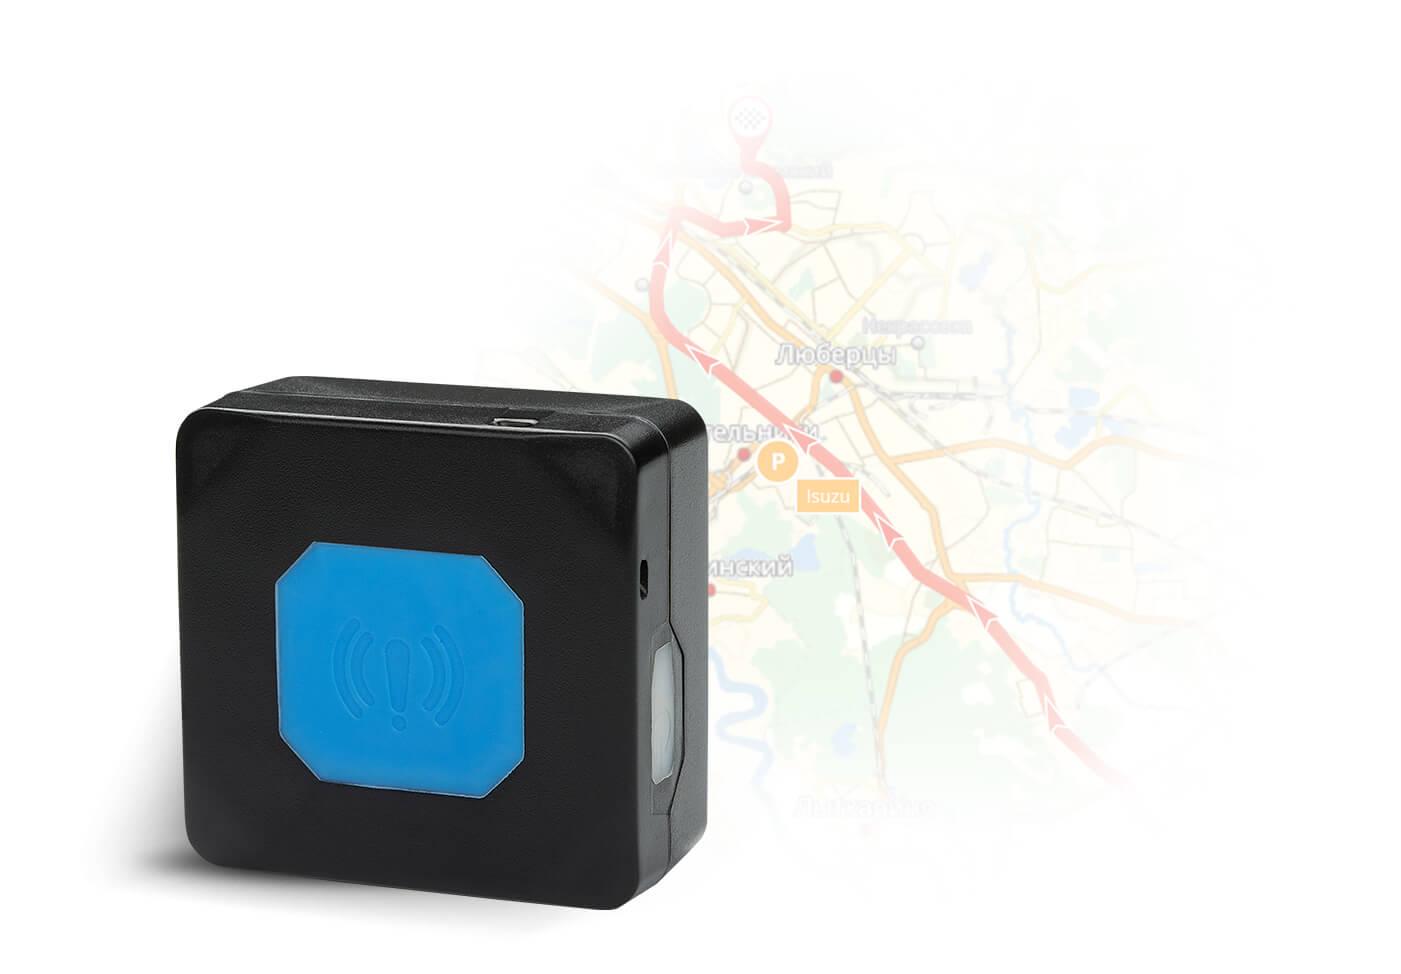 Полноценное GPS-слежение в маленьком корпусе